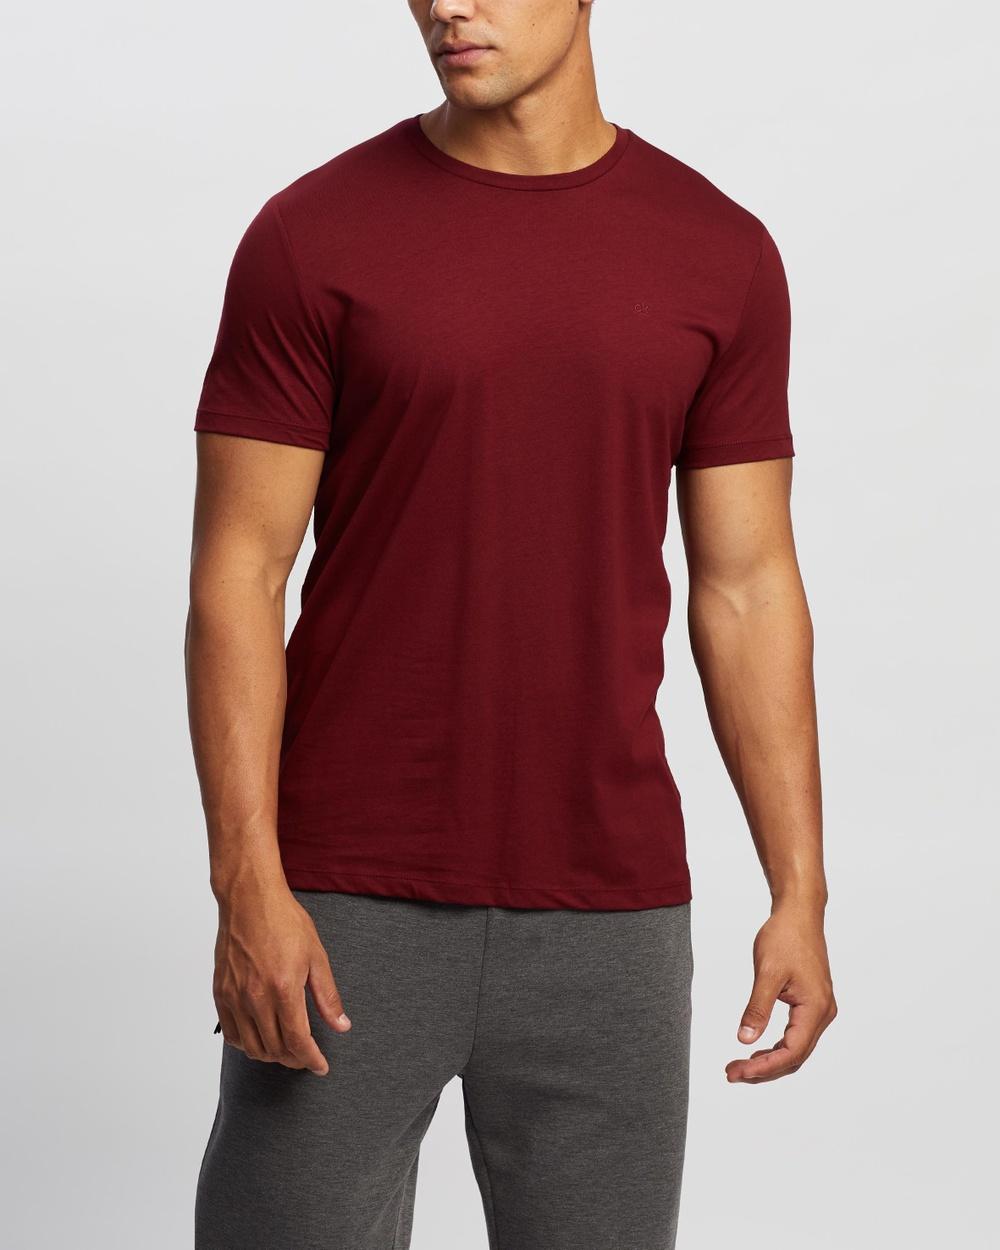 Calvin Klein - Liquid Touch Tee - T-Shirts & Singlets (Allure) Liquid Touch Tee